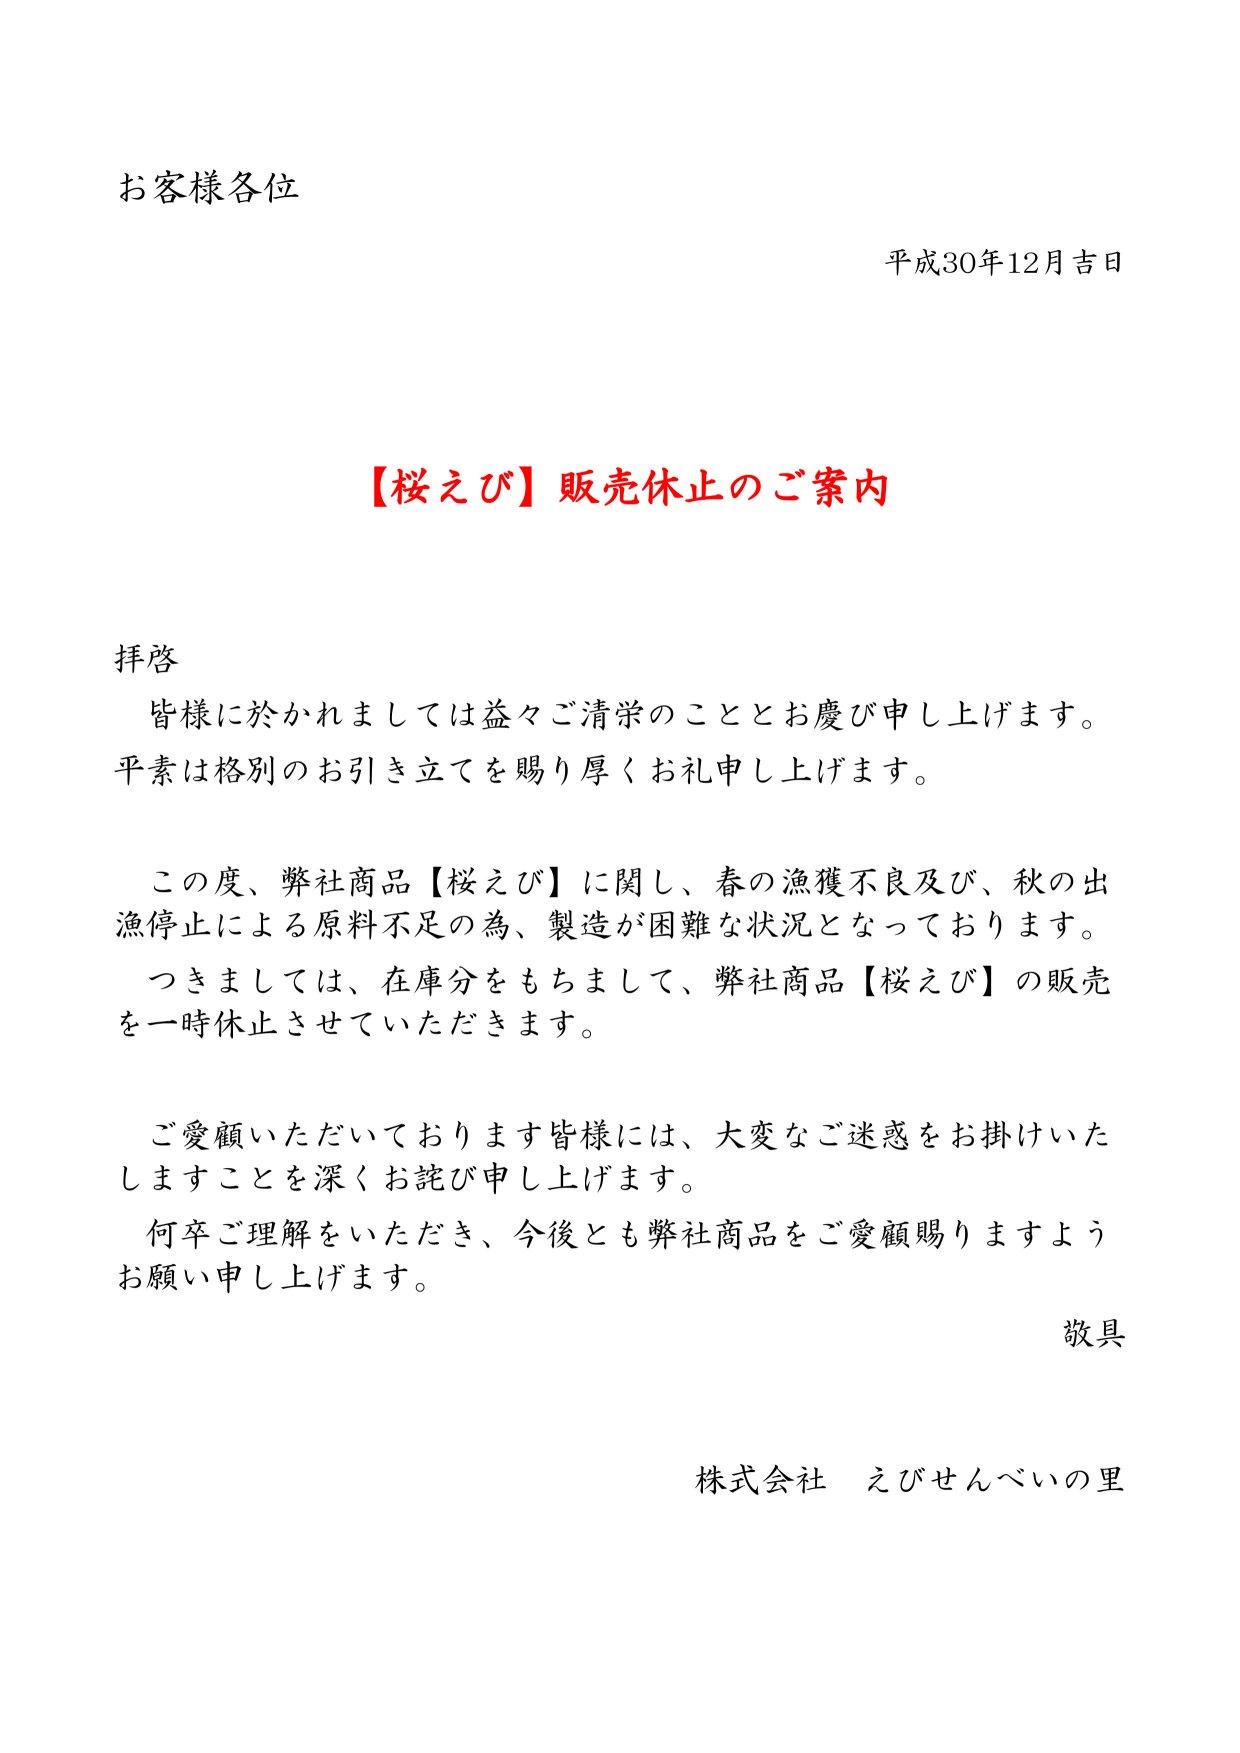 例文 の 臨時 休業 お知らせ